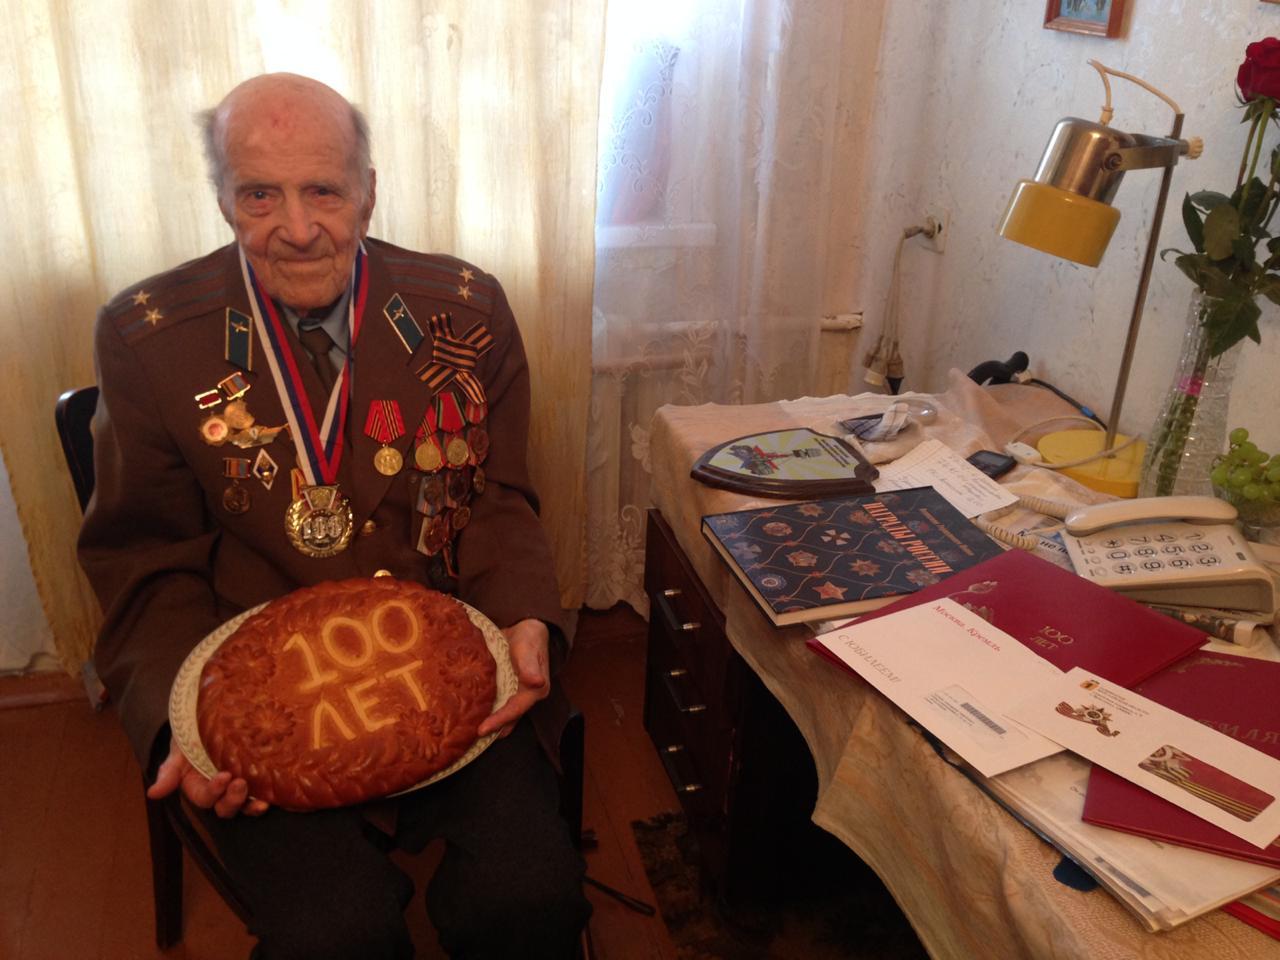 В Ярославле труженик тыла Геннадий Котов отпраздновал 100-летний юбилей